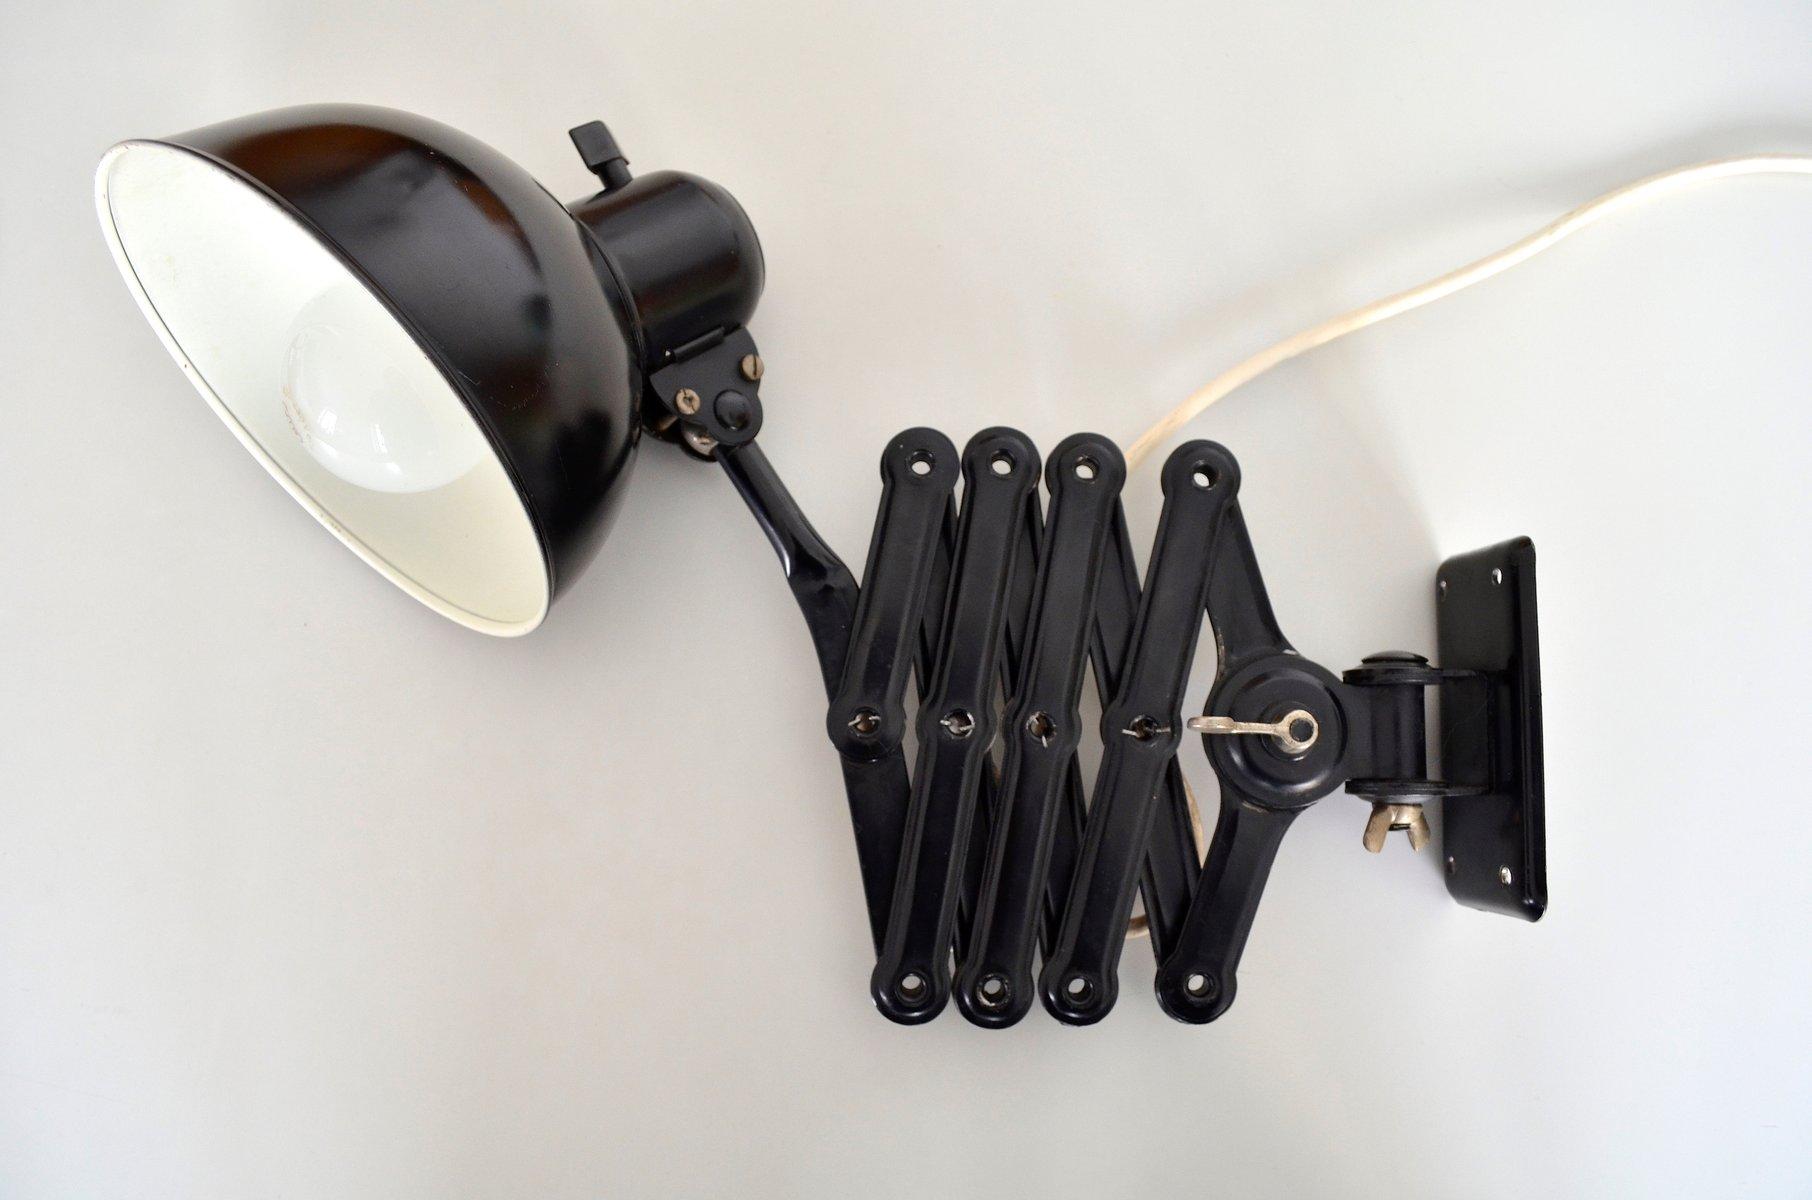 vintage bauhaus scherenlampe 6718 von christian dell f r kaiser idell bei pamono kaufen. Black Bedroom Furniture Sets. Home Design Ideas